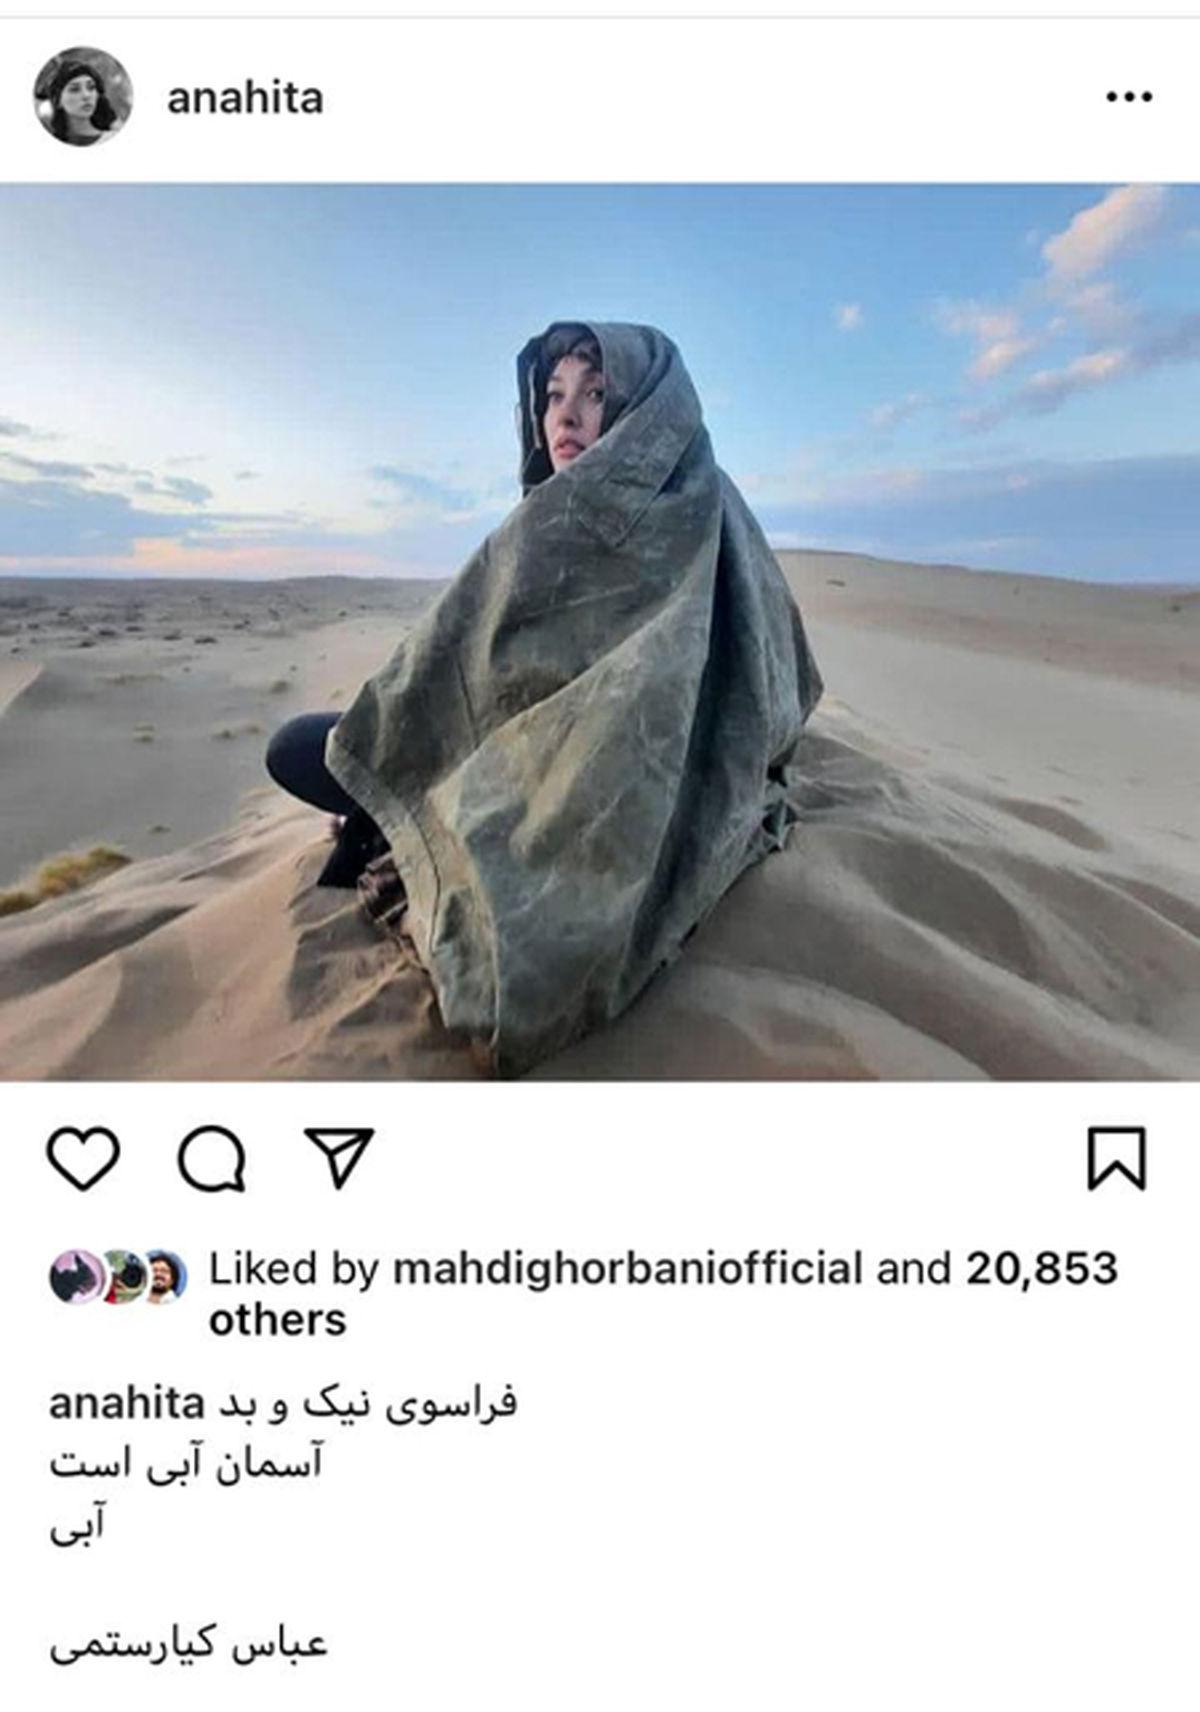 آناهیتا درگاهی با پتو وسط بیابان ! + عکس